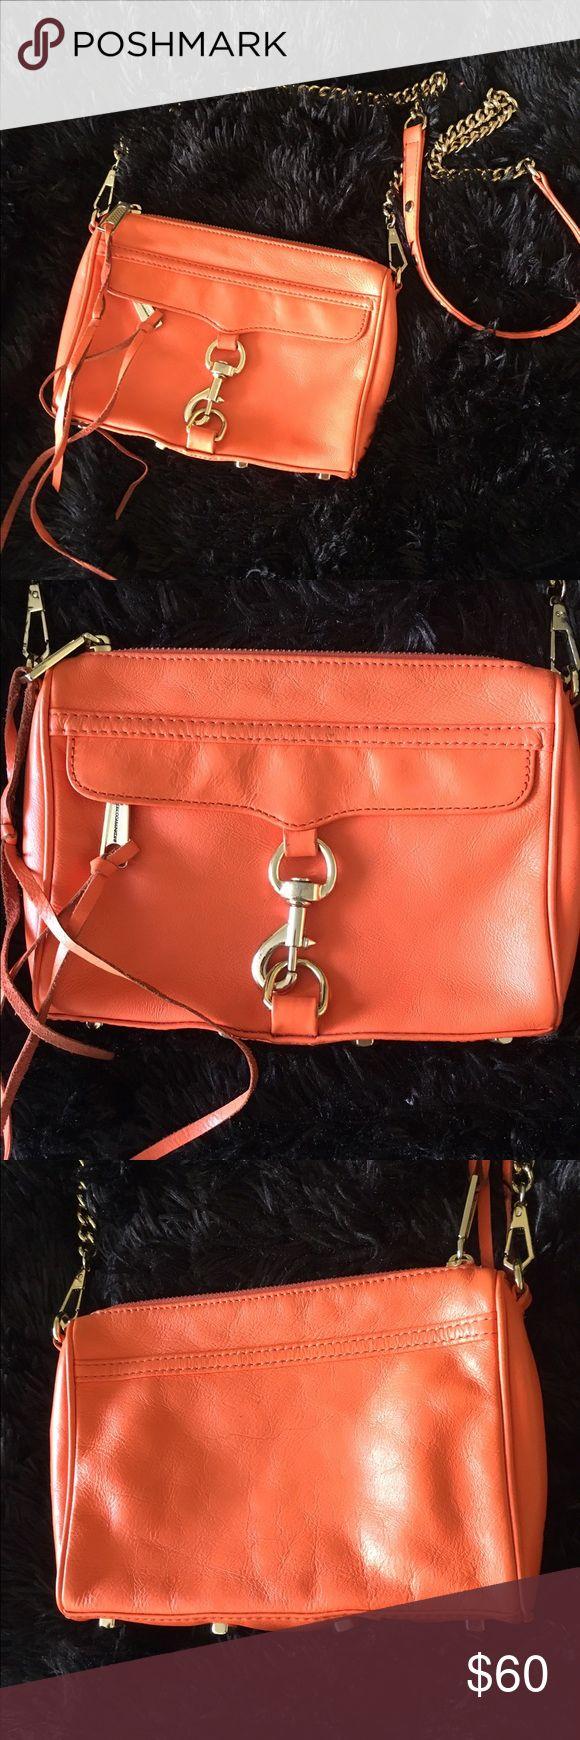 Rebecca Minkoff orange Mab purse Adorable medium Rebecca Minkoff orange mab crossbody. Very good condition. Inside has a few scuffs. Gold hardware. Rebecca Minkoff Bags Crossbody Bags